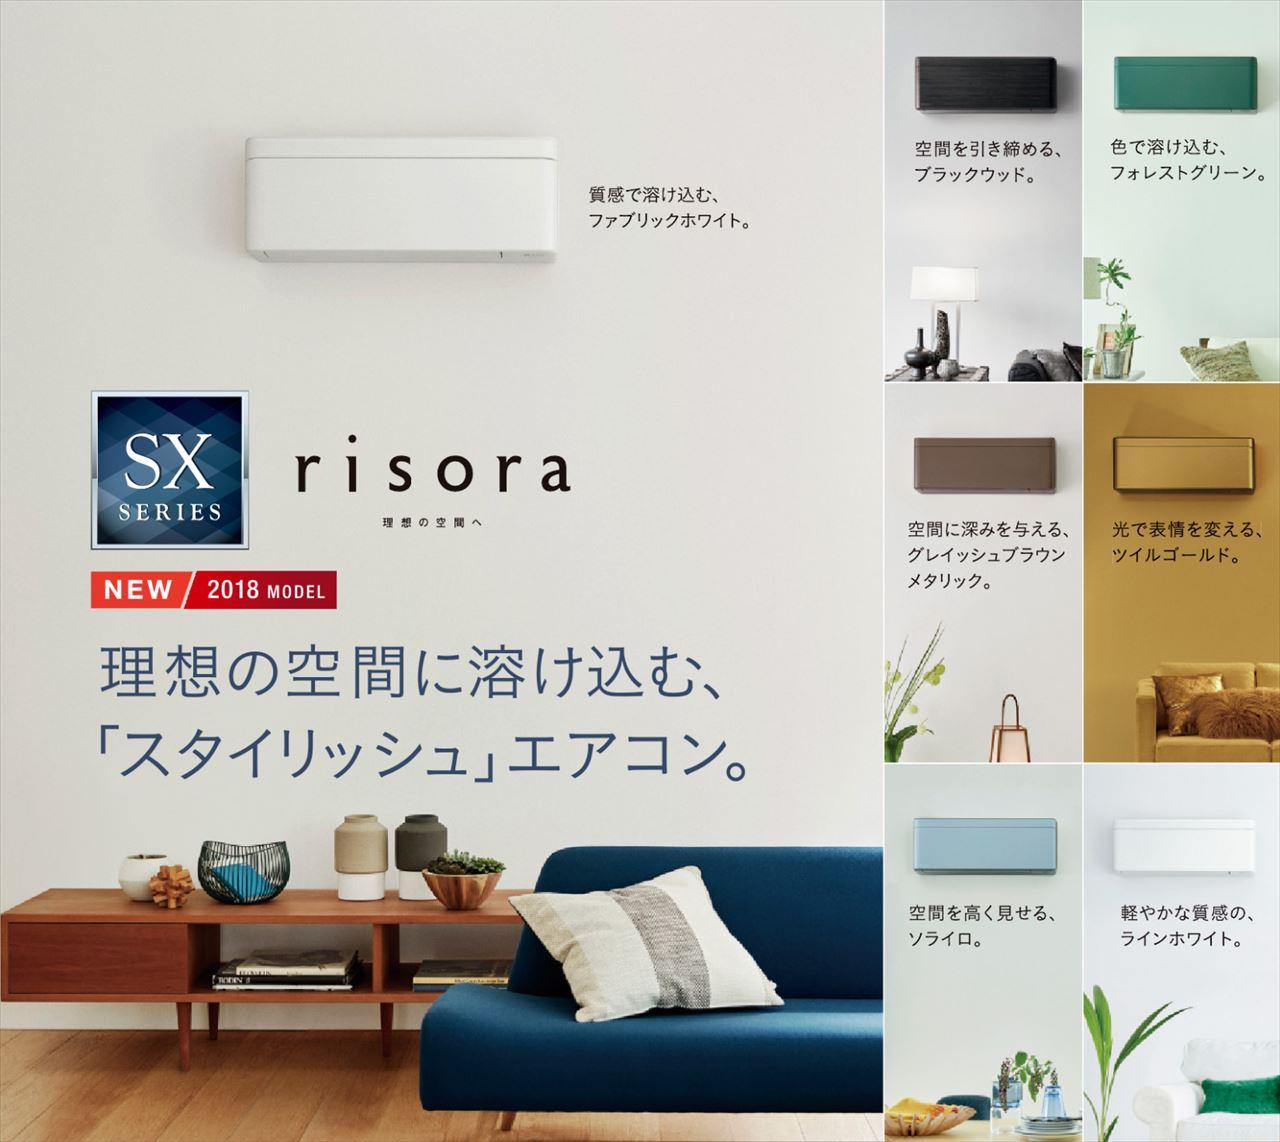 2018SX risora_R